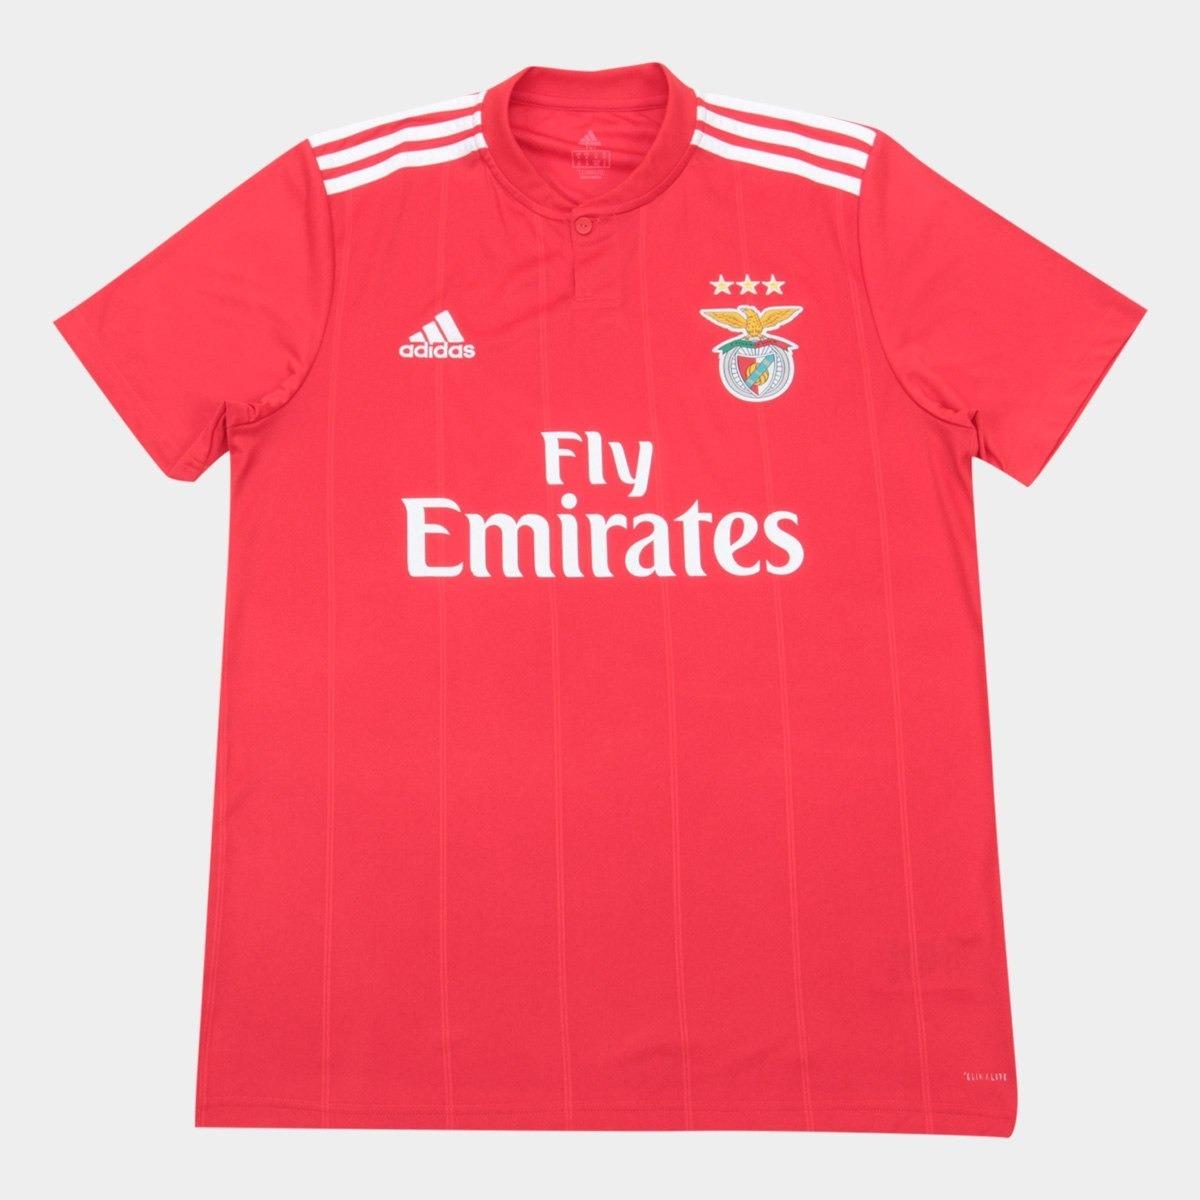 camisa benfica i 2018 torcedor adidas masculina - vermelho. Carregando zoom. 8b0695e50df73